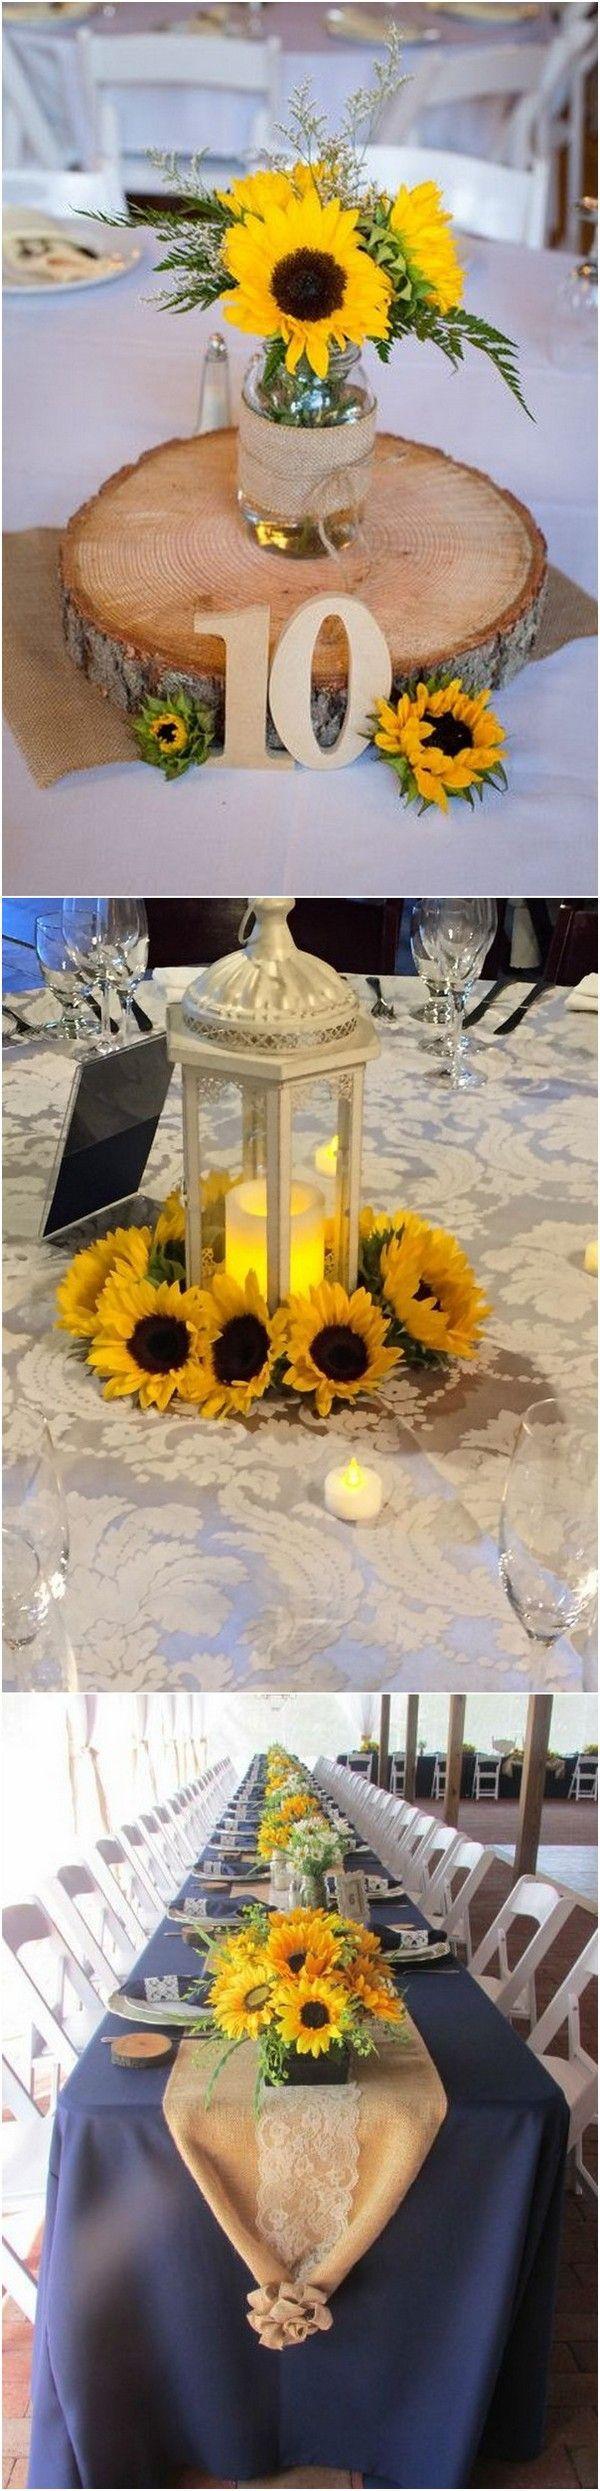 18 Cheerful Sunflower Wedding Centerpiece Ideas Page 2 Of 2